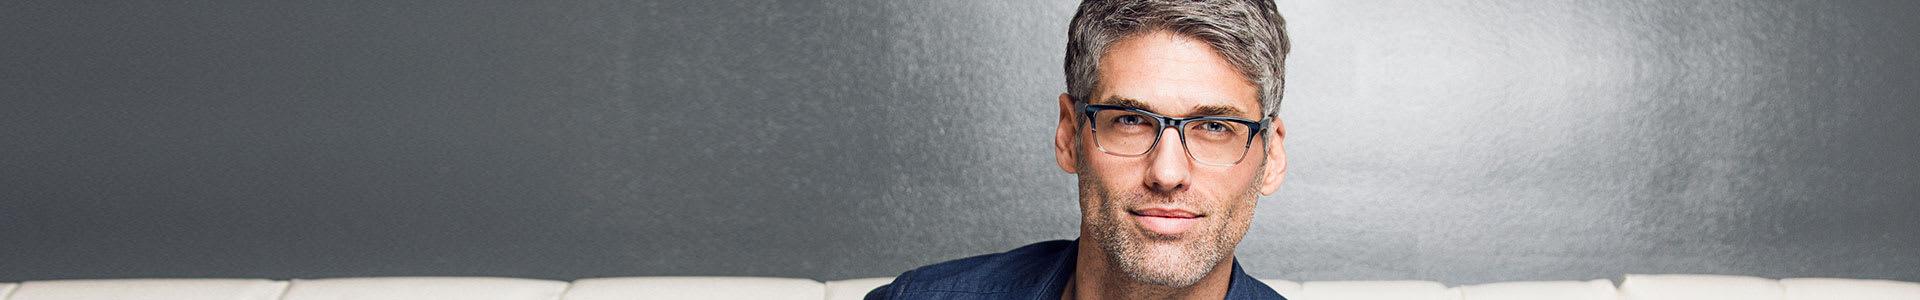 New Eyeglasses for Men